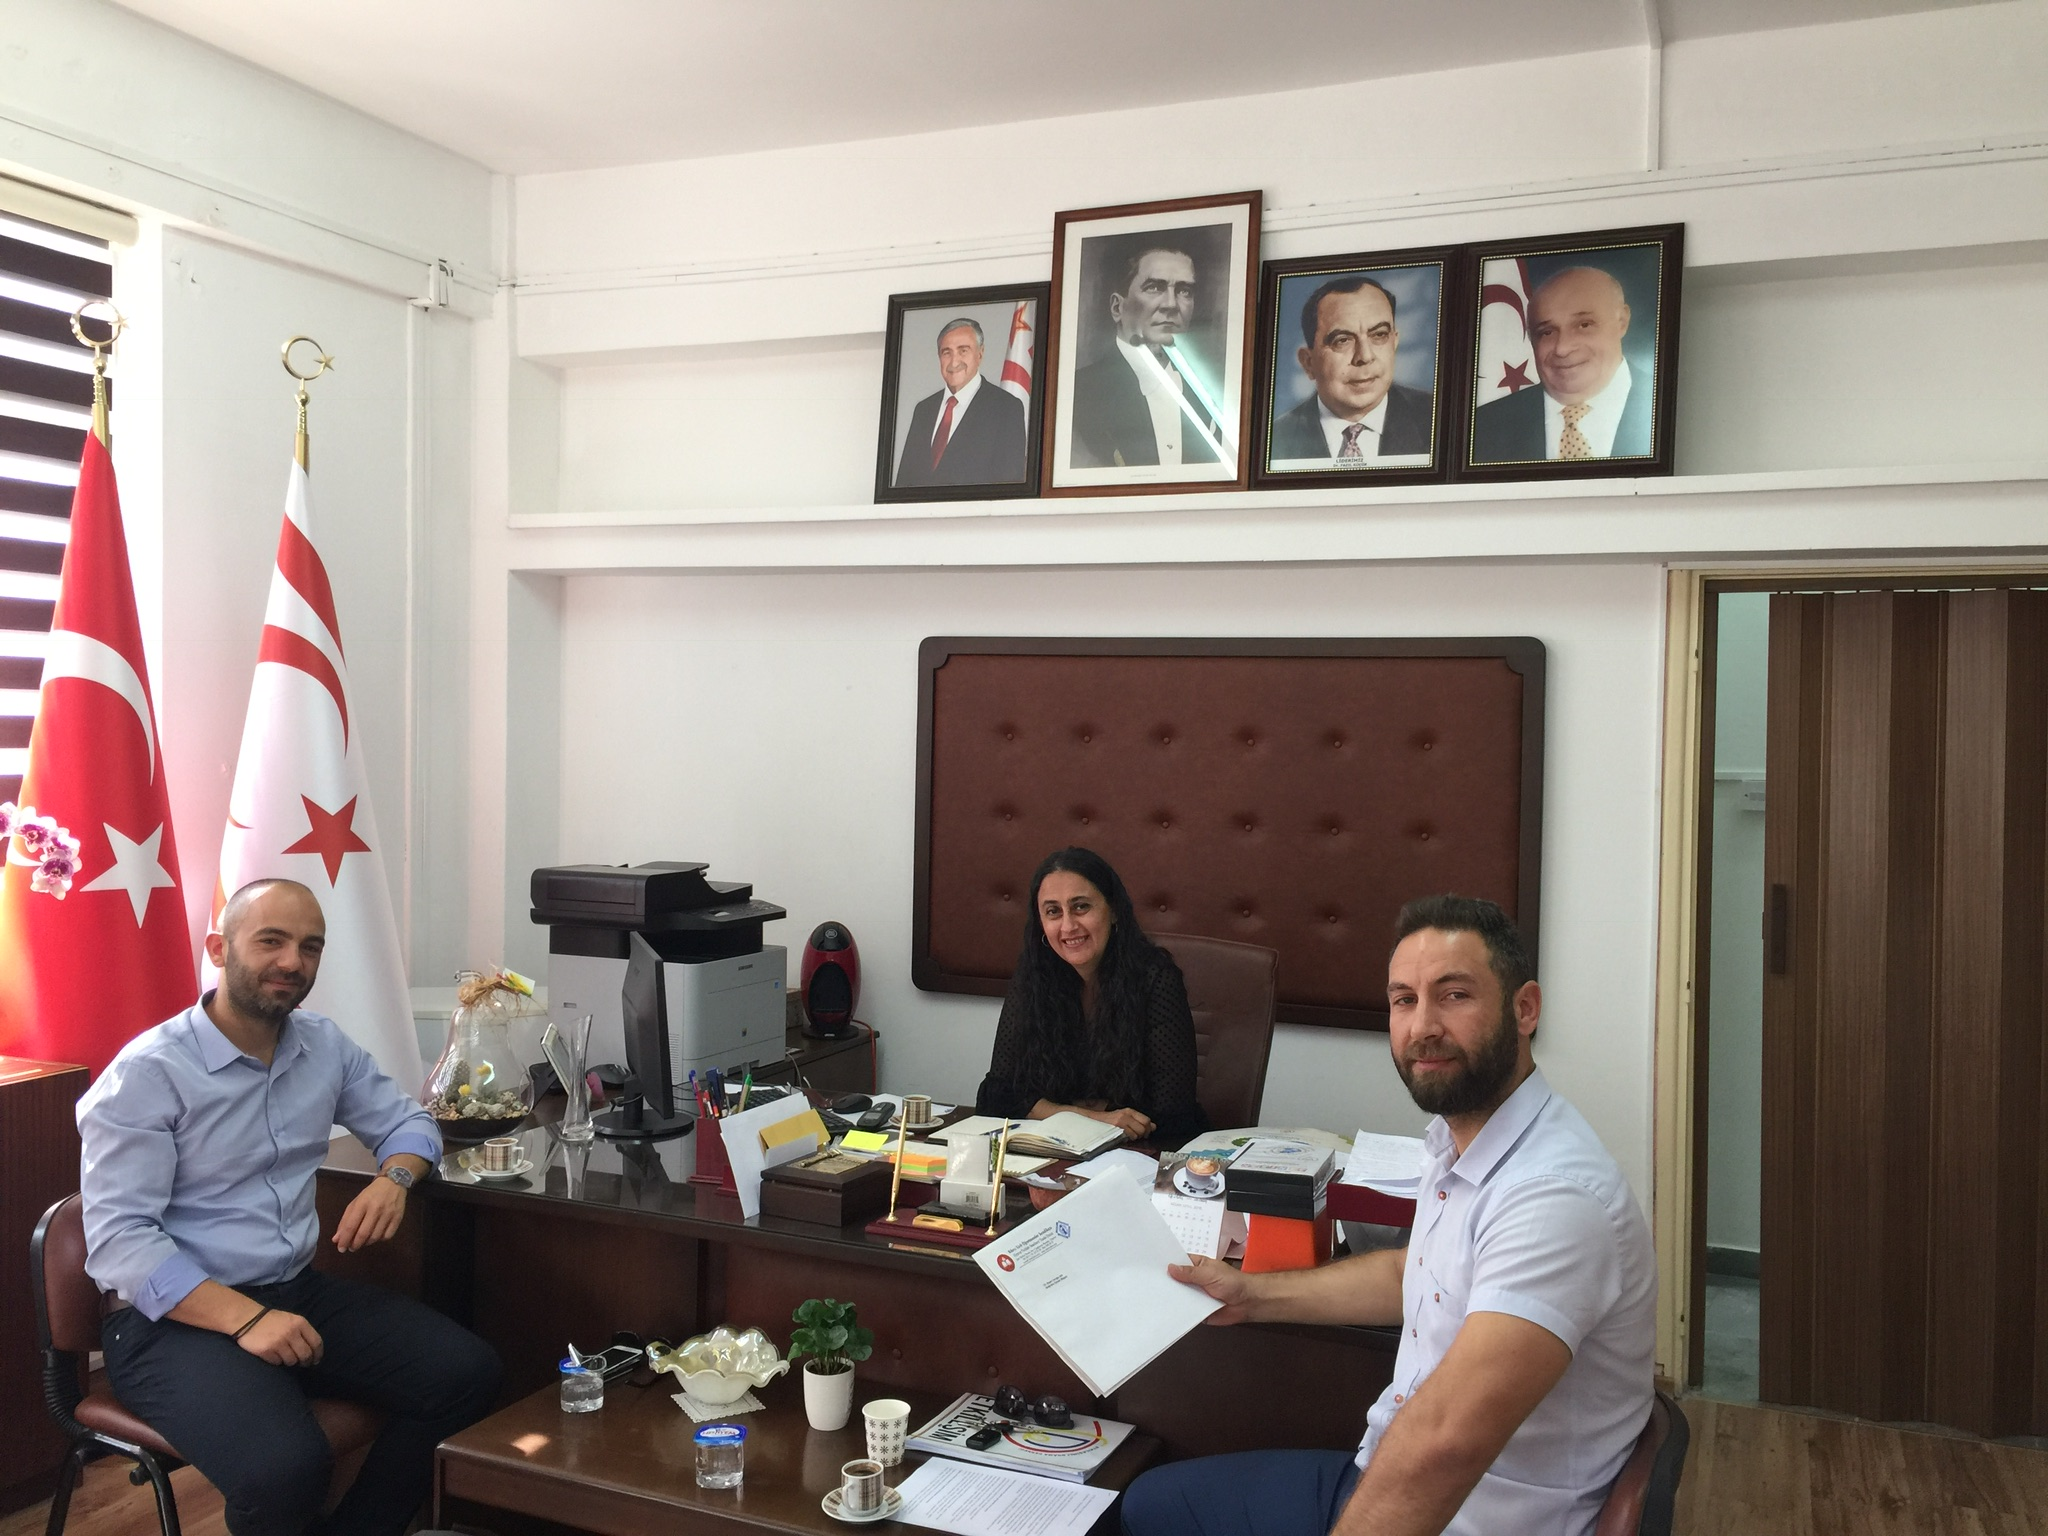 Londra Türk Dili Okullarının geliştirilmesi için önerilerimizi paylaştık.